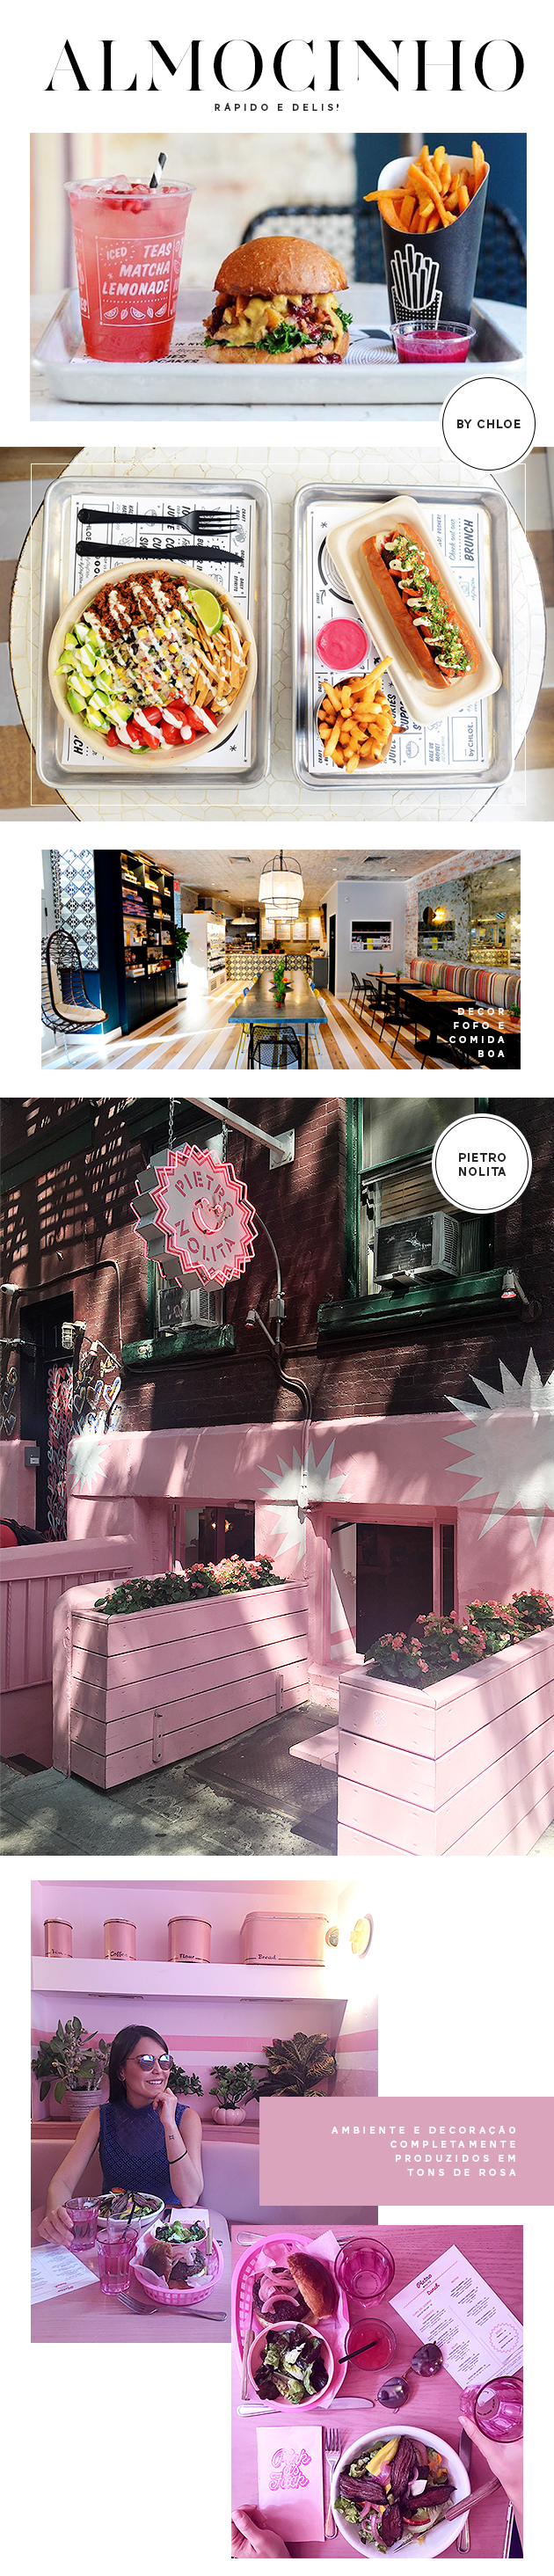 Dicas-NY-o-que-fazer-em-nova-york-no-verão-tudo-sobre-best-places-to-go-blog-da-Lari-Duarte